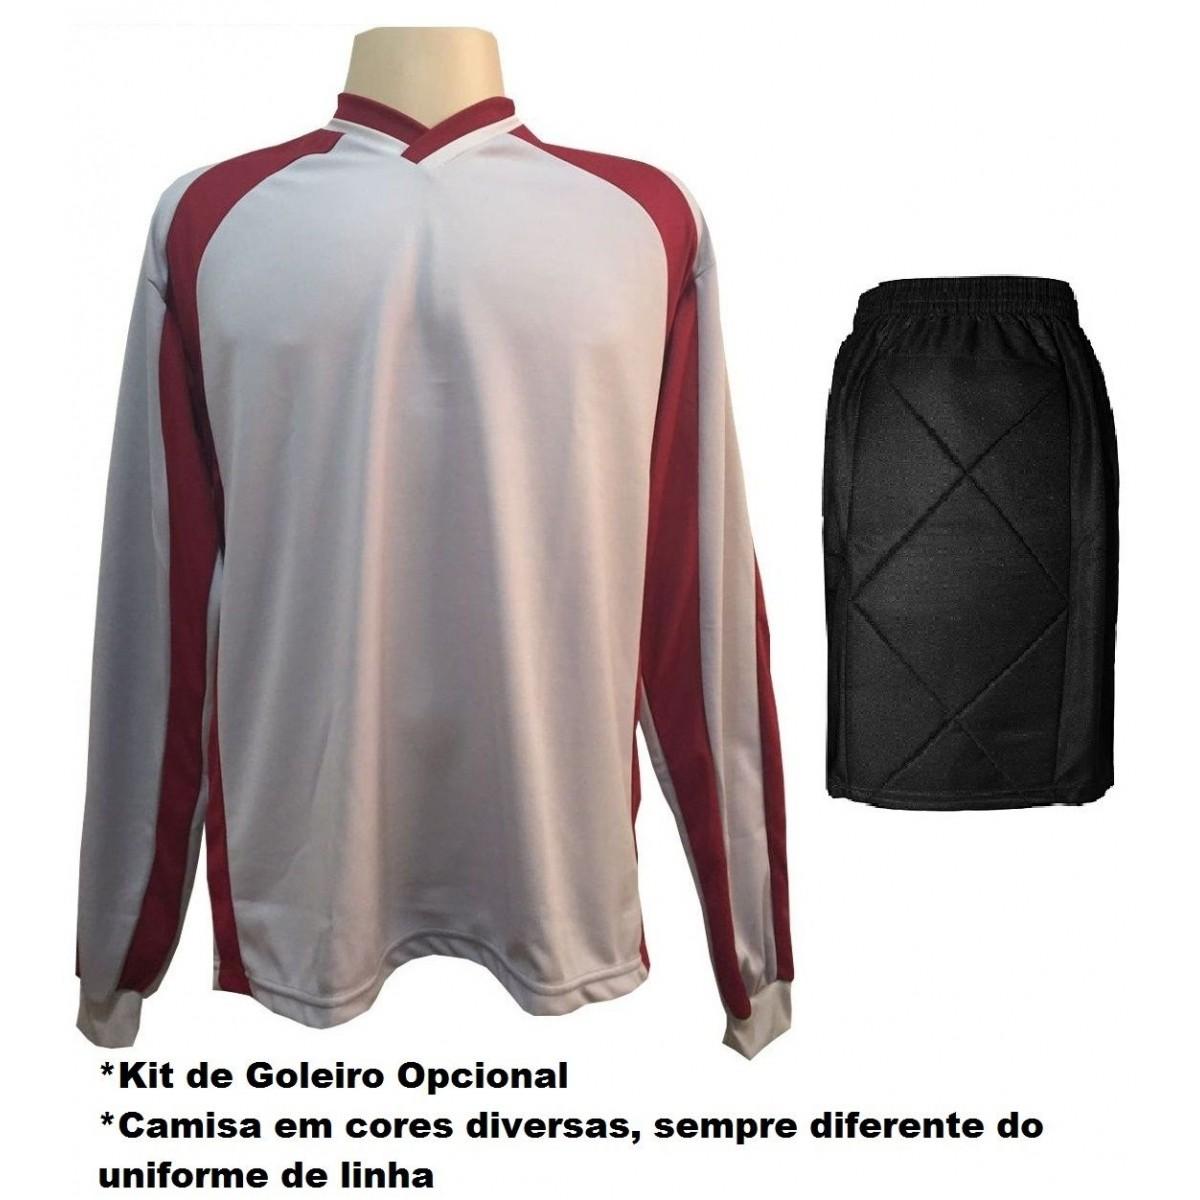 Uniforme Esportivo com 14 Camisas modelo Boca Juniors Amarelo/Royal + 14 Calções modelo Madrid Royal + Brindes